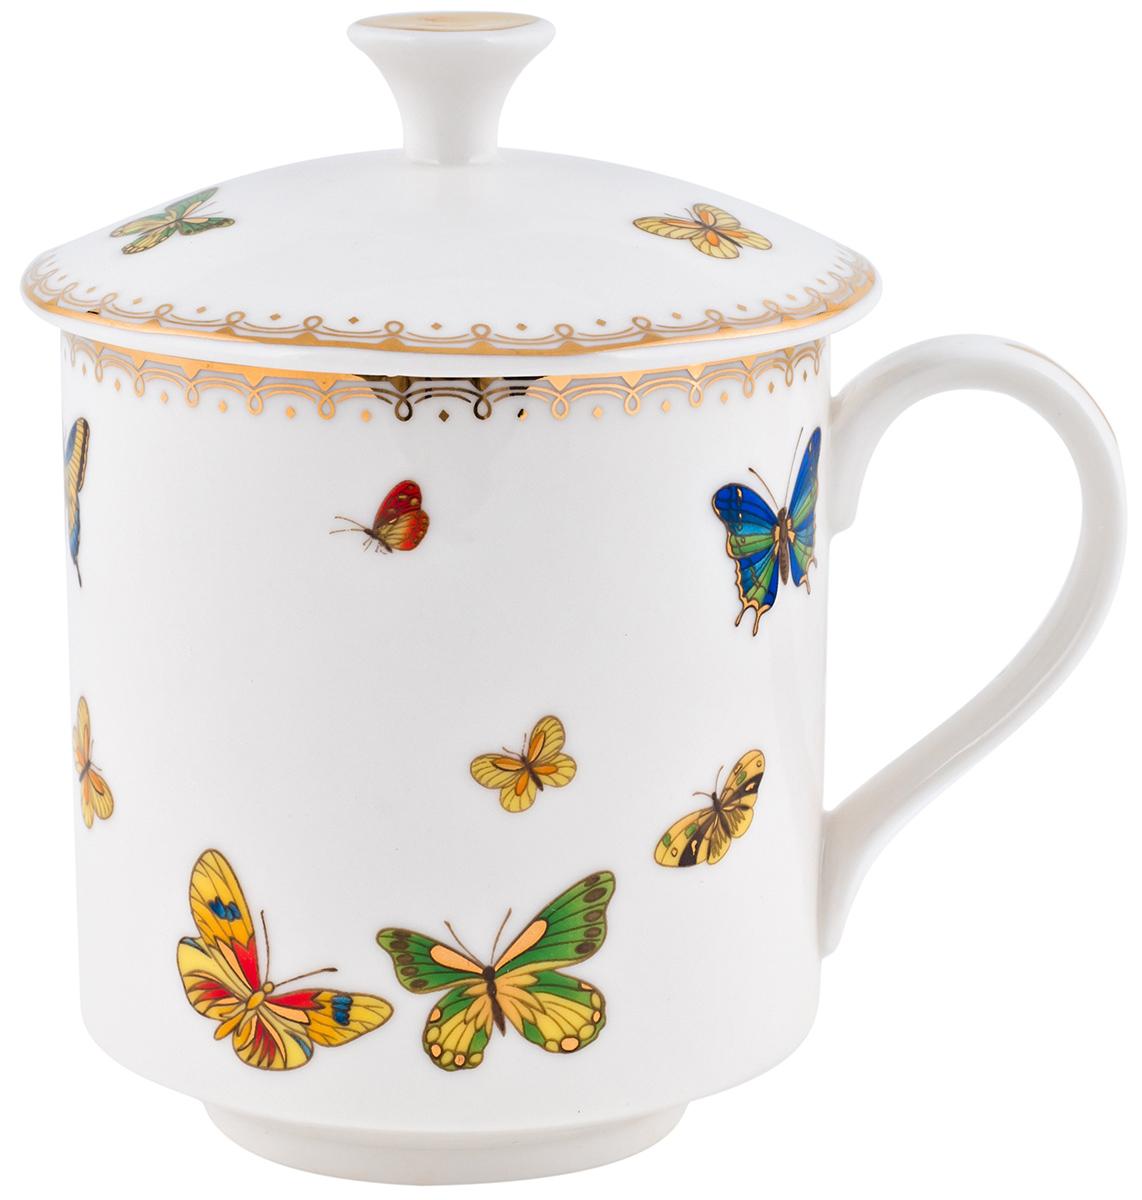 Кружка Elff Decor Italy design, с крышкой, 320 мл. 130-027130-027Кружка из серии посуды Italy design, в которой каждый предмет выглядит невероятно нежно и изысканно. Нежные цветы и порхающие бабочки, эта роскошная коллекция - образец гармоничного дизайна в романтическом стиле. Оригинальная посуда на ножках сделает неповторимым ваш интерьер !